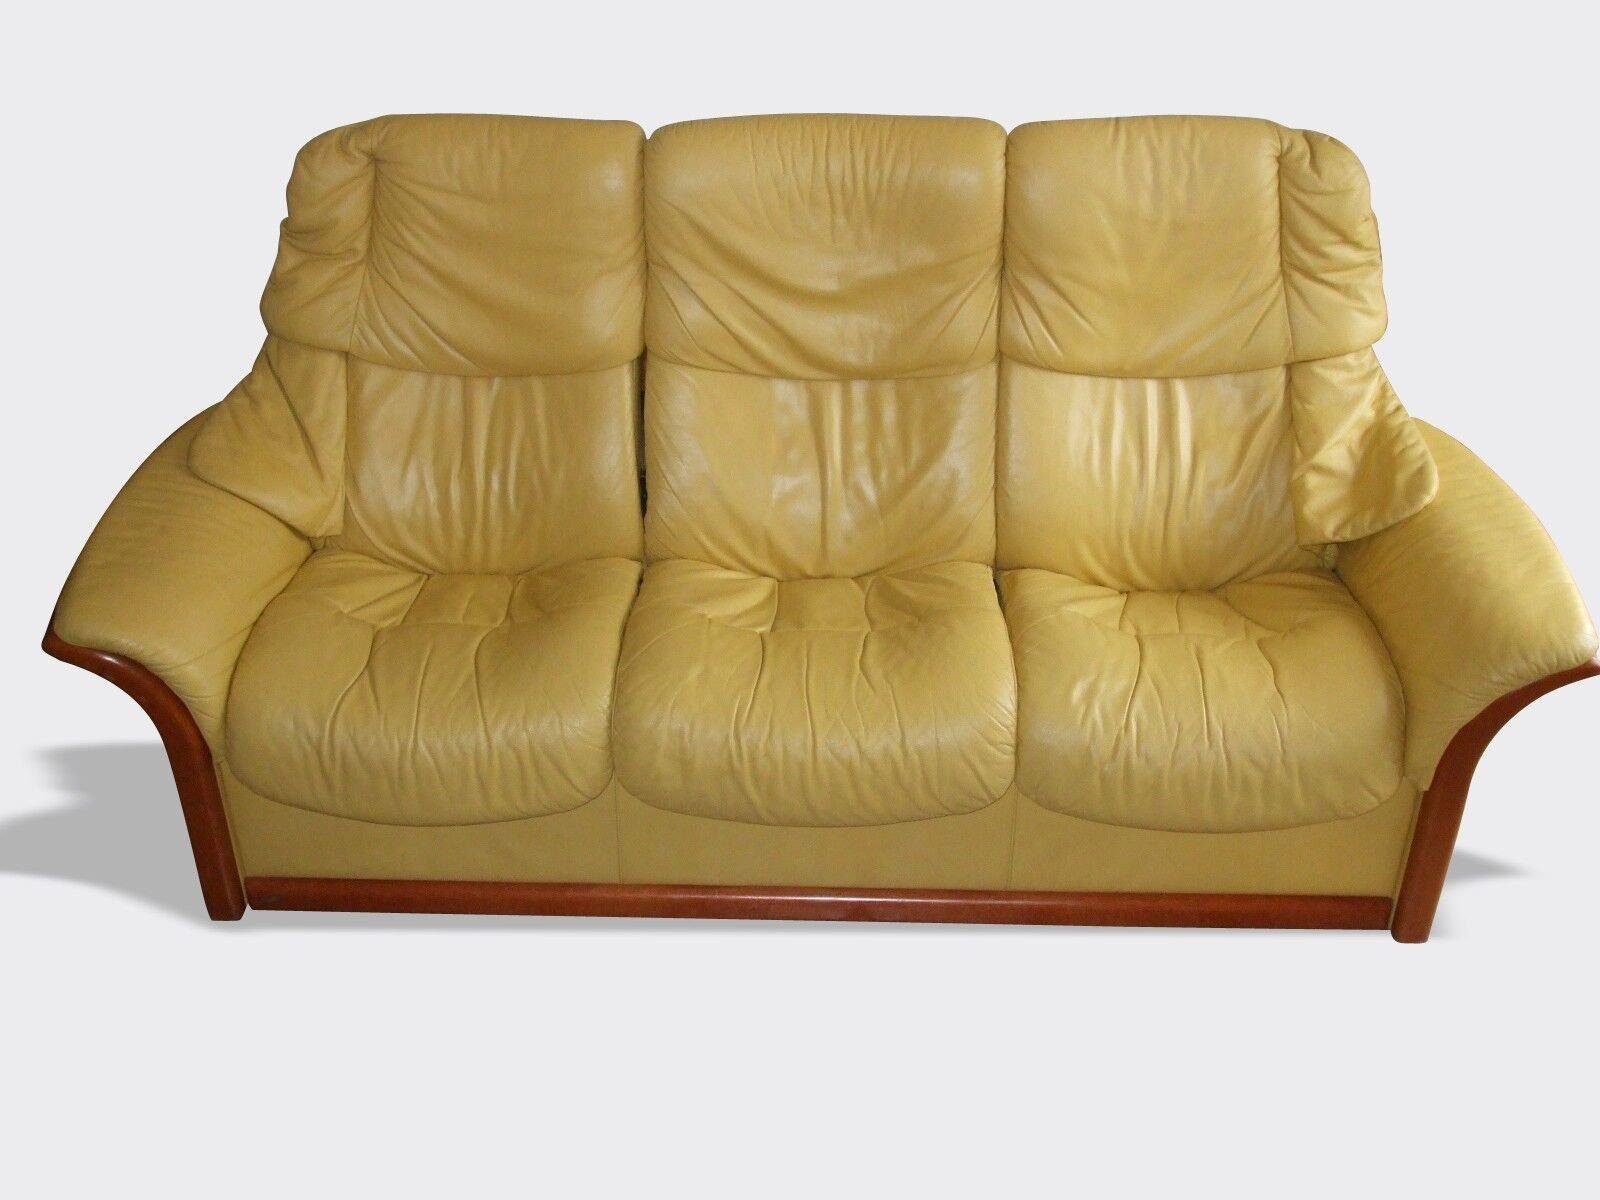 canap iceberg maison du monde free canape maison du monde. Black Bedroom Furniture Sets. Home Design Ideas